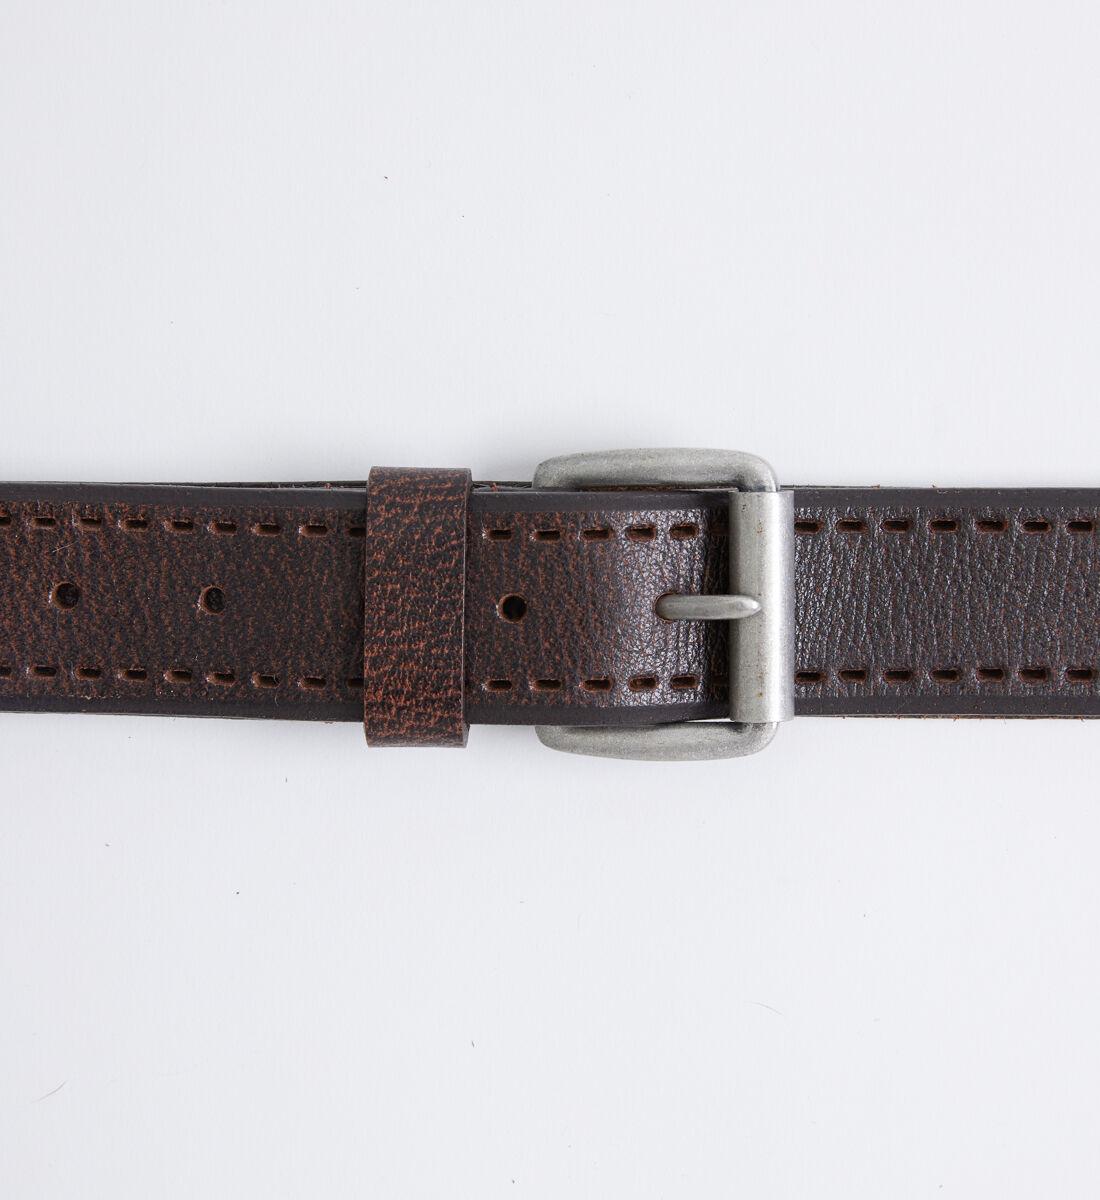 Pebbled Leather Mens Belt Alt Image 1